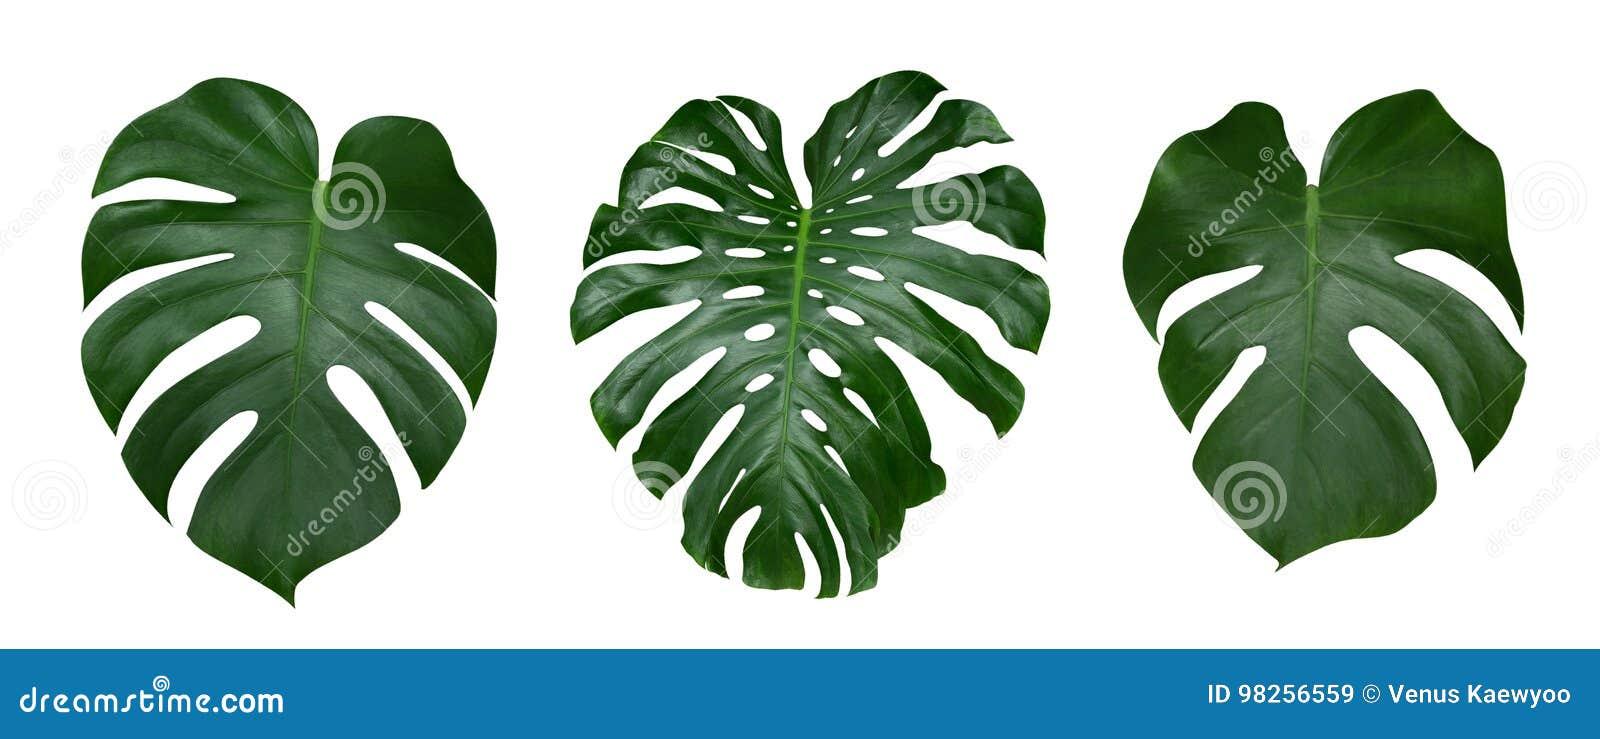 Φύλλα φυτών Monstera, η τροπική αειθαλής άμπελος που απομονώνεται στο άσπρο υπόβαθρο, πορεία